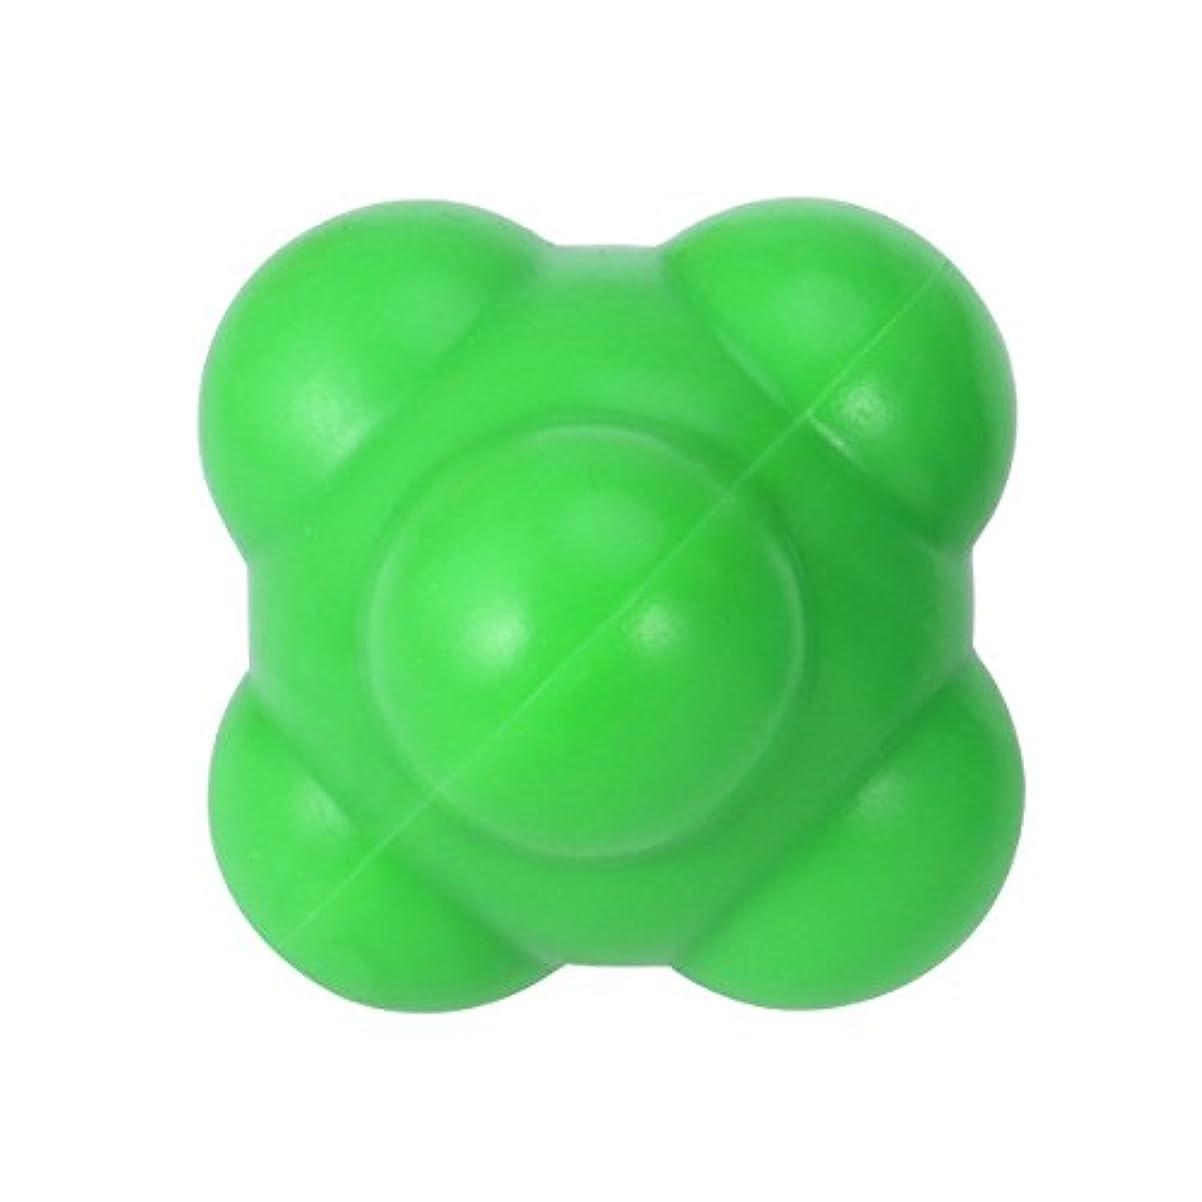 裂け目グラフィック治世SUPVOX 反応ボール 敏捷性とスピードハンドアイ調整(グリーン)